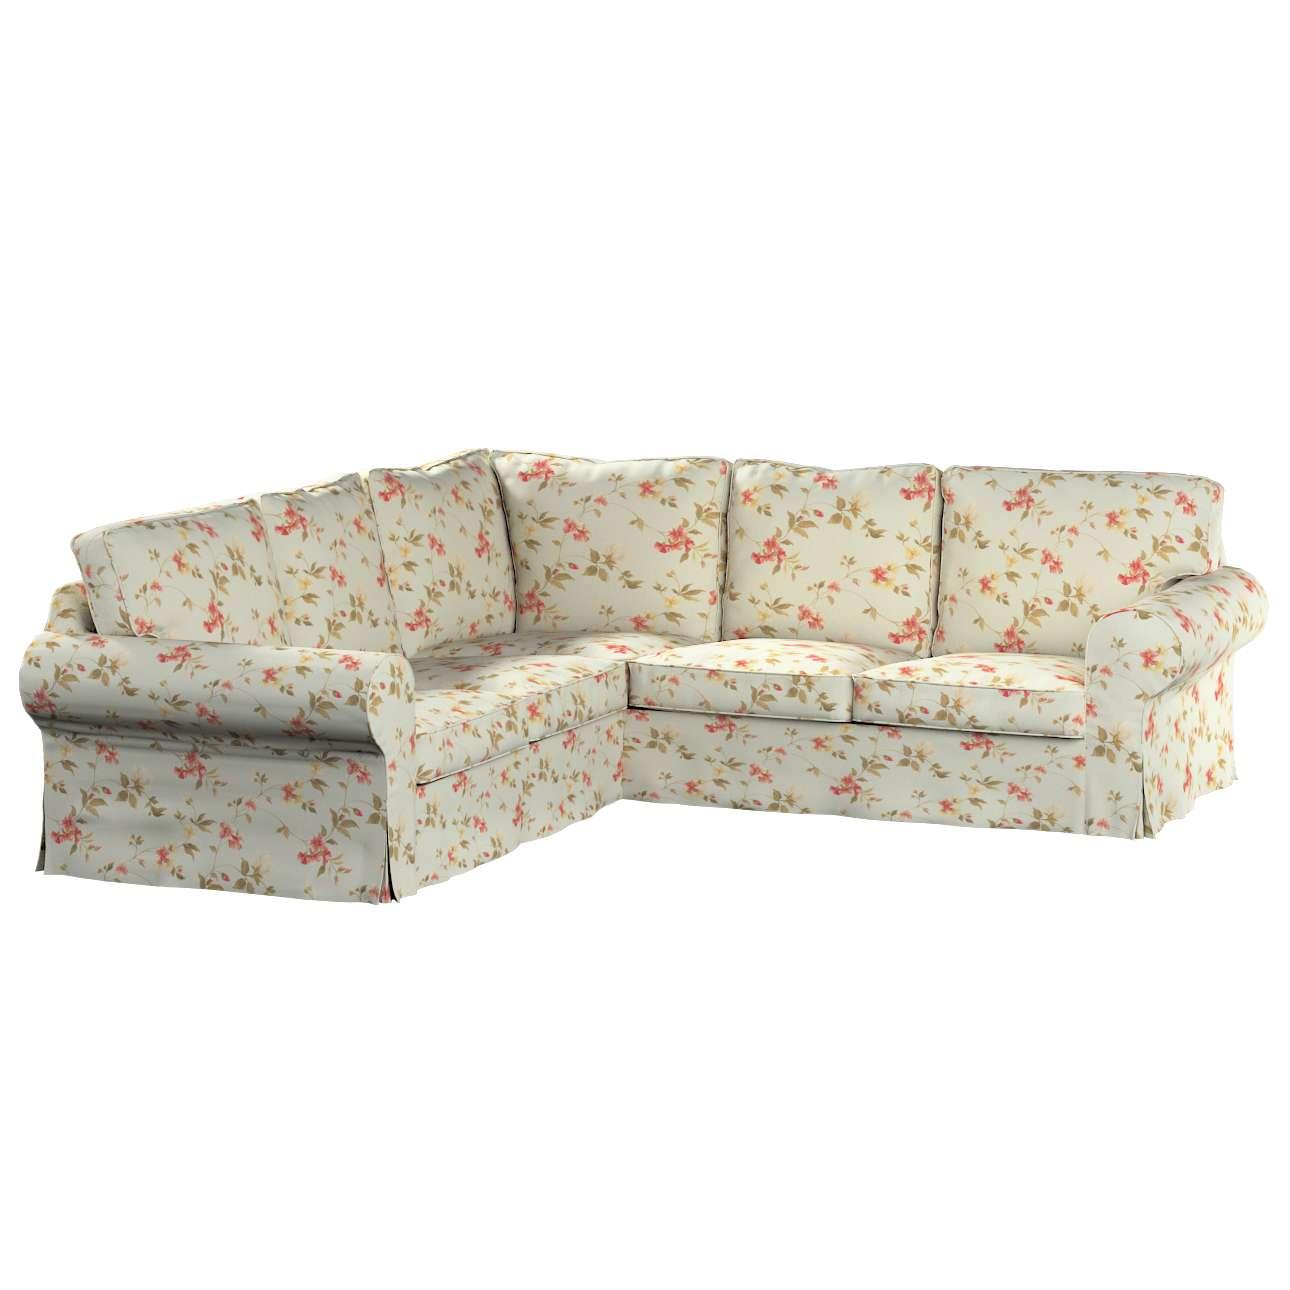 Pokrowiec na sofę narożną Ektorp w kolekcji Londres, tkanina: 124-65